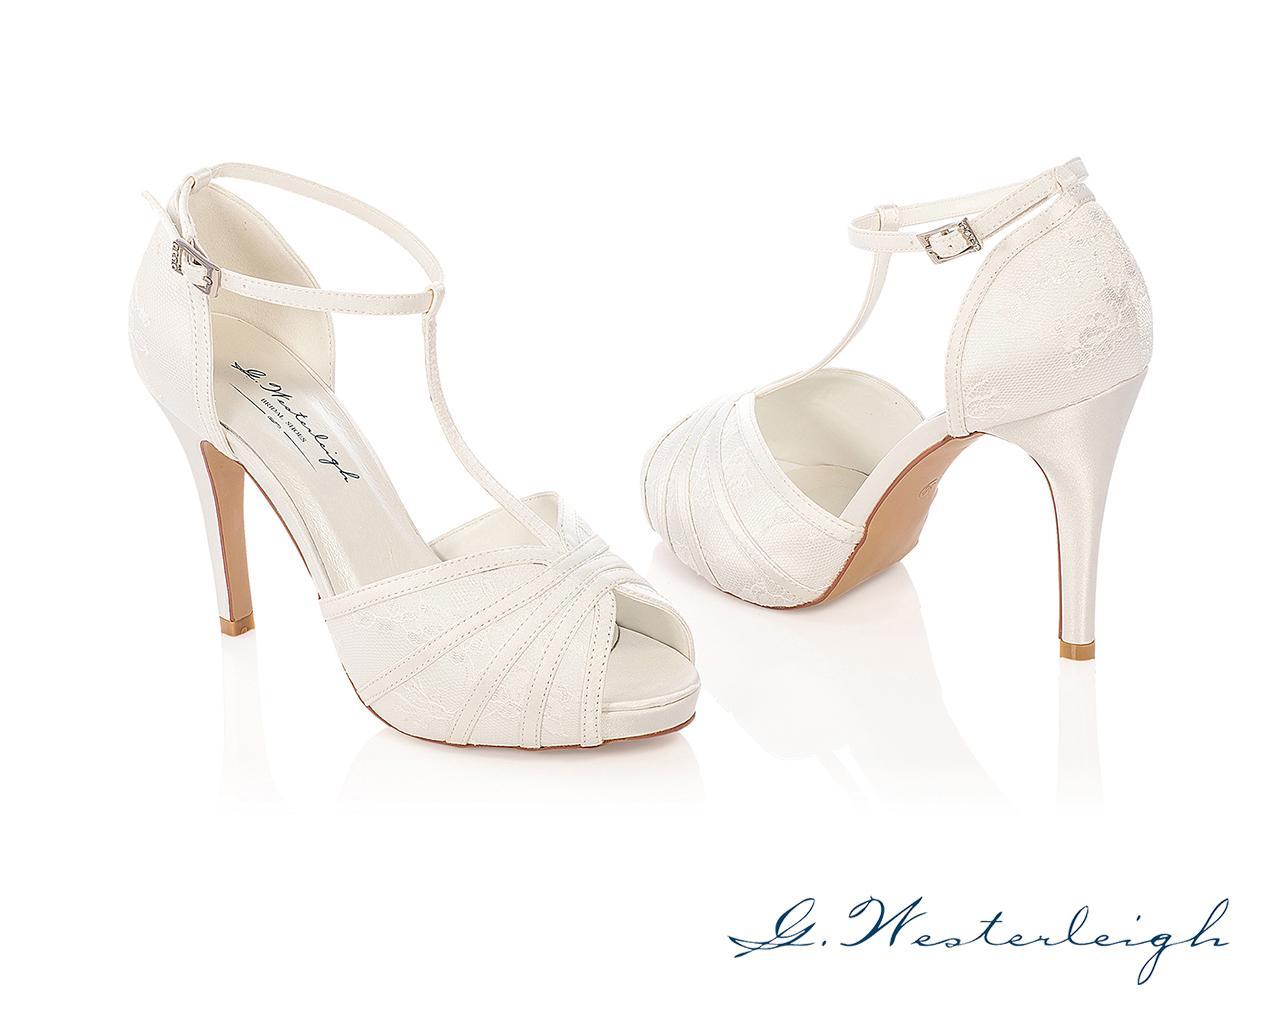 Svadobné topánky scarlett 3c67dc0b9d0